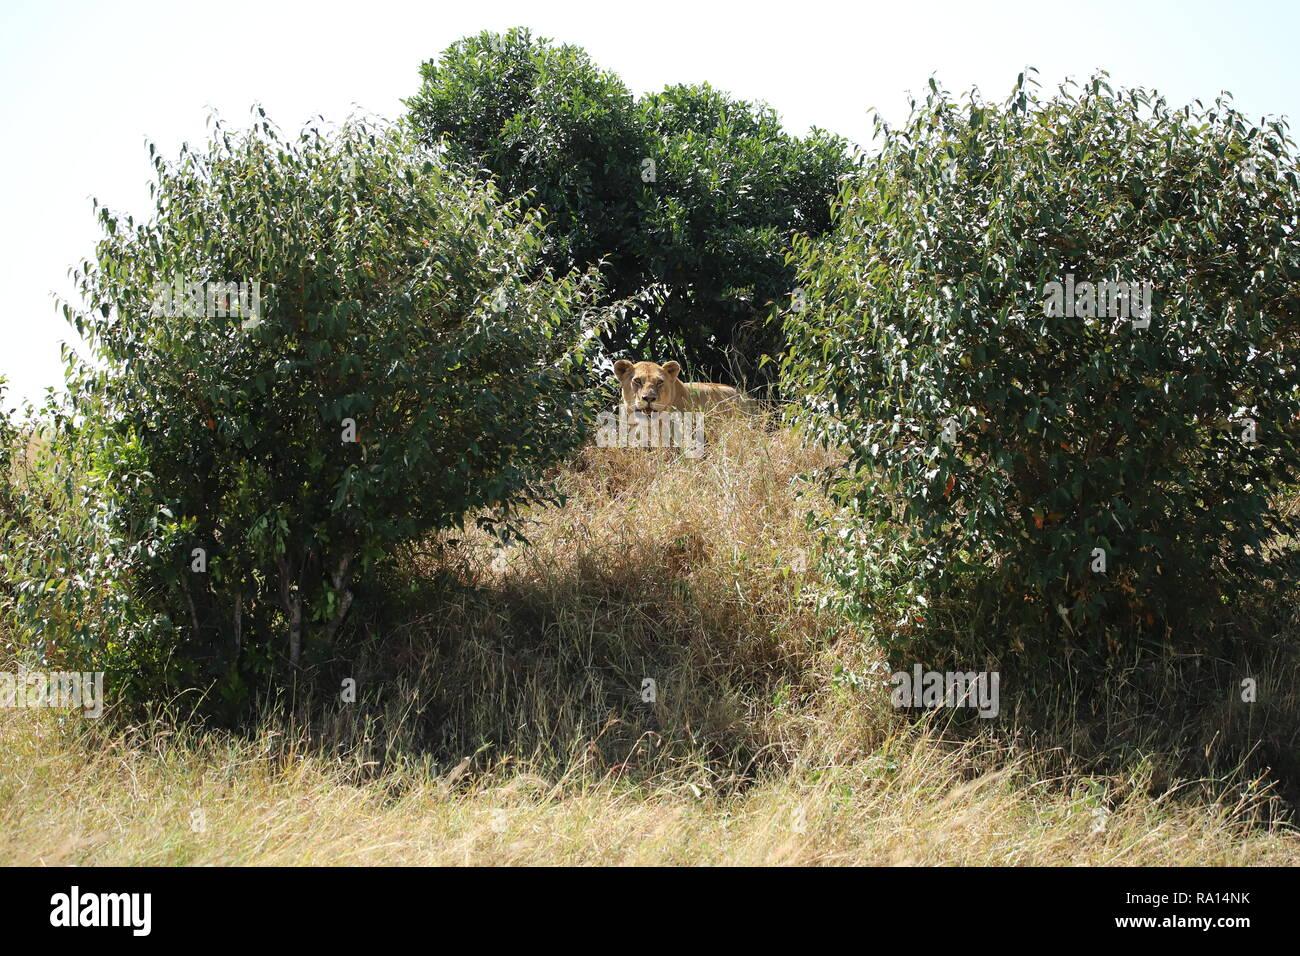 Ein Löwe befindet sich auf dem Hügel zwischen den drei Buchsen Stockfoto